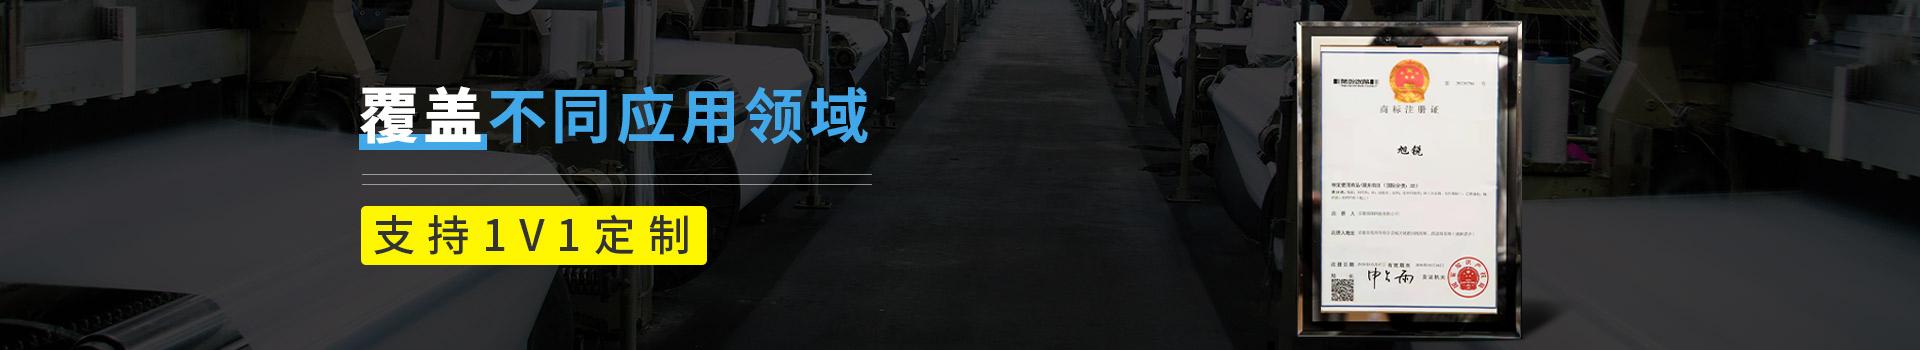 旭瑞网业产品中心